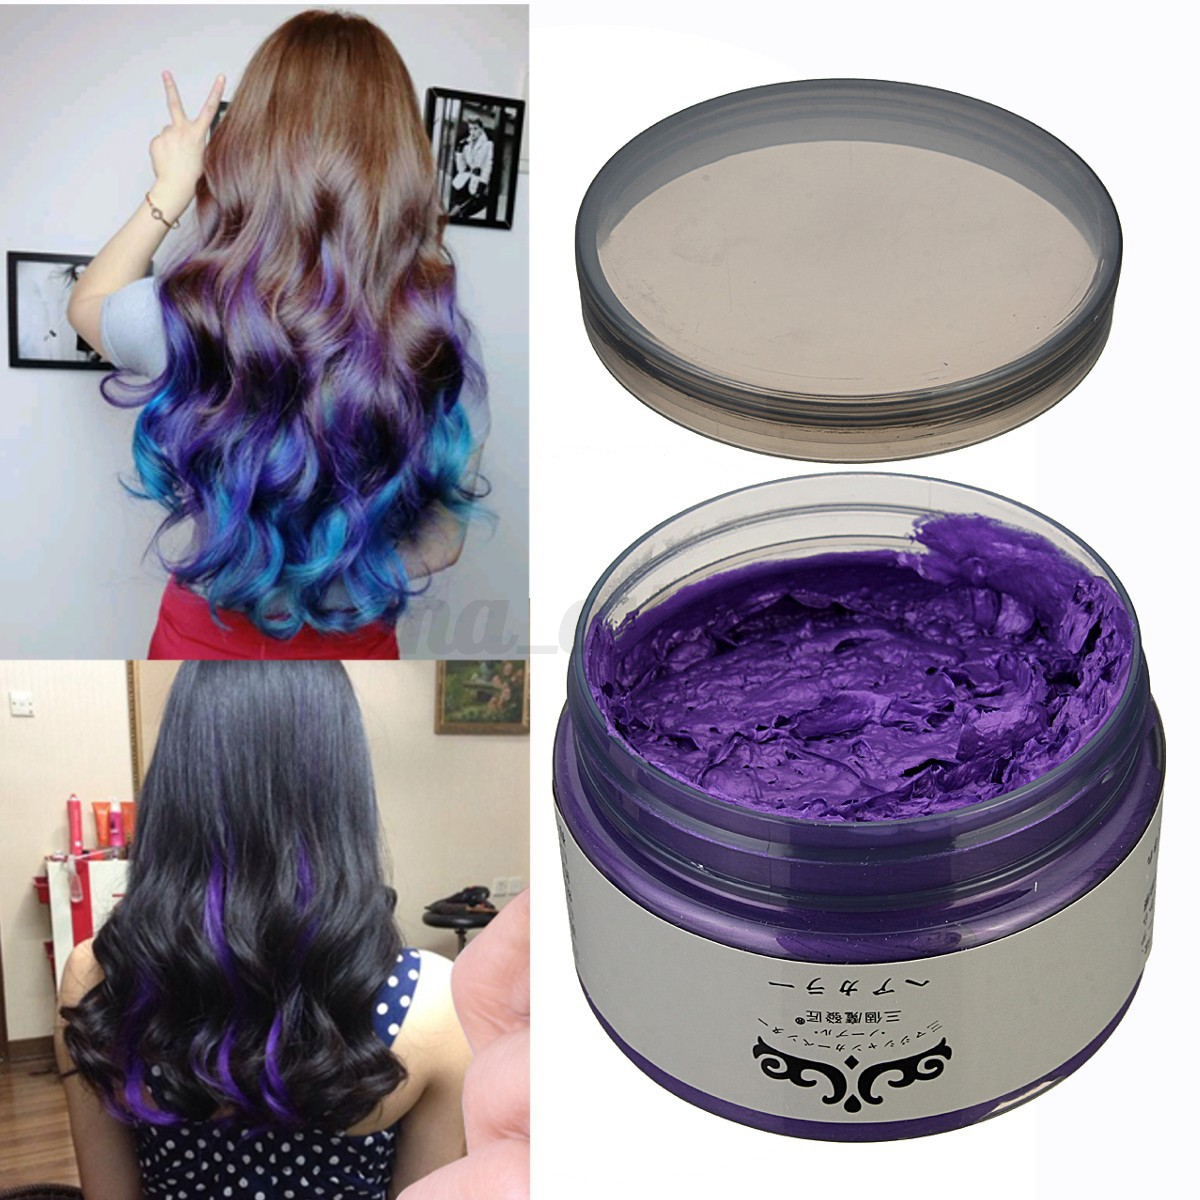 Tiente-De-Pelo-Cabello-Crema-Semipermanente-La-Riche-Directions-Hair-Color-Dye